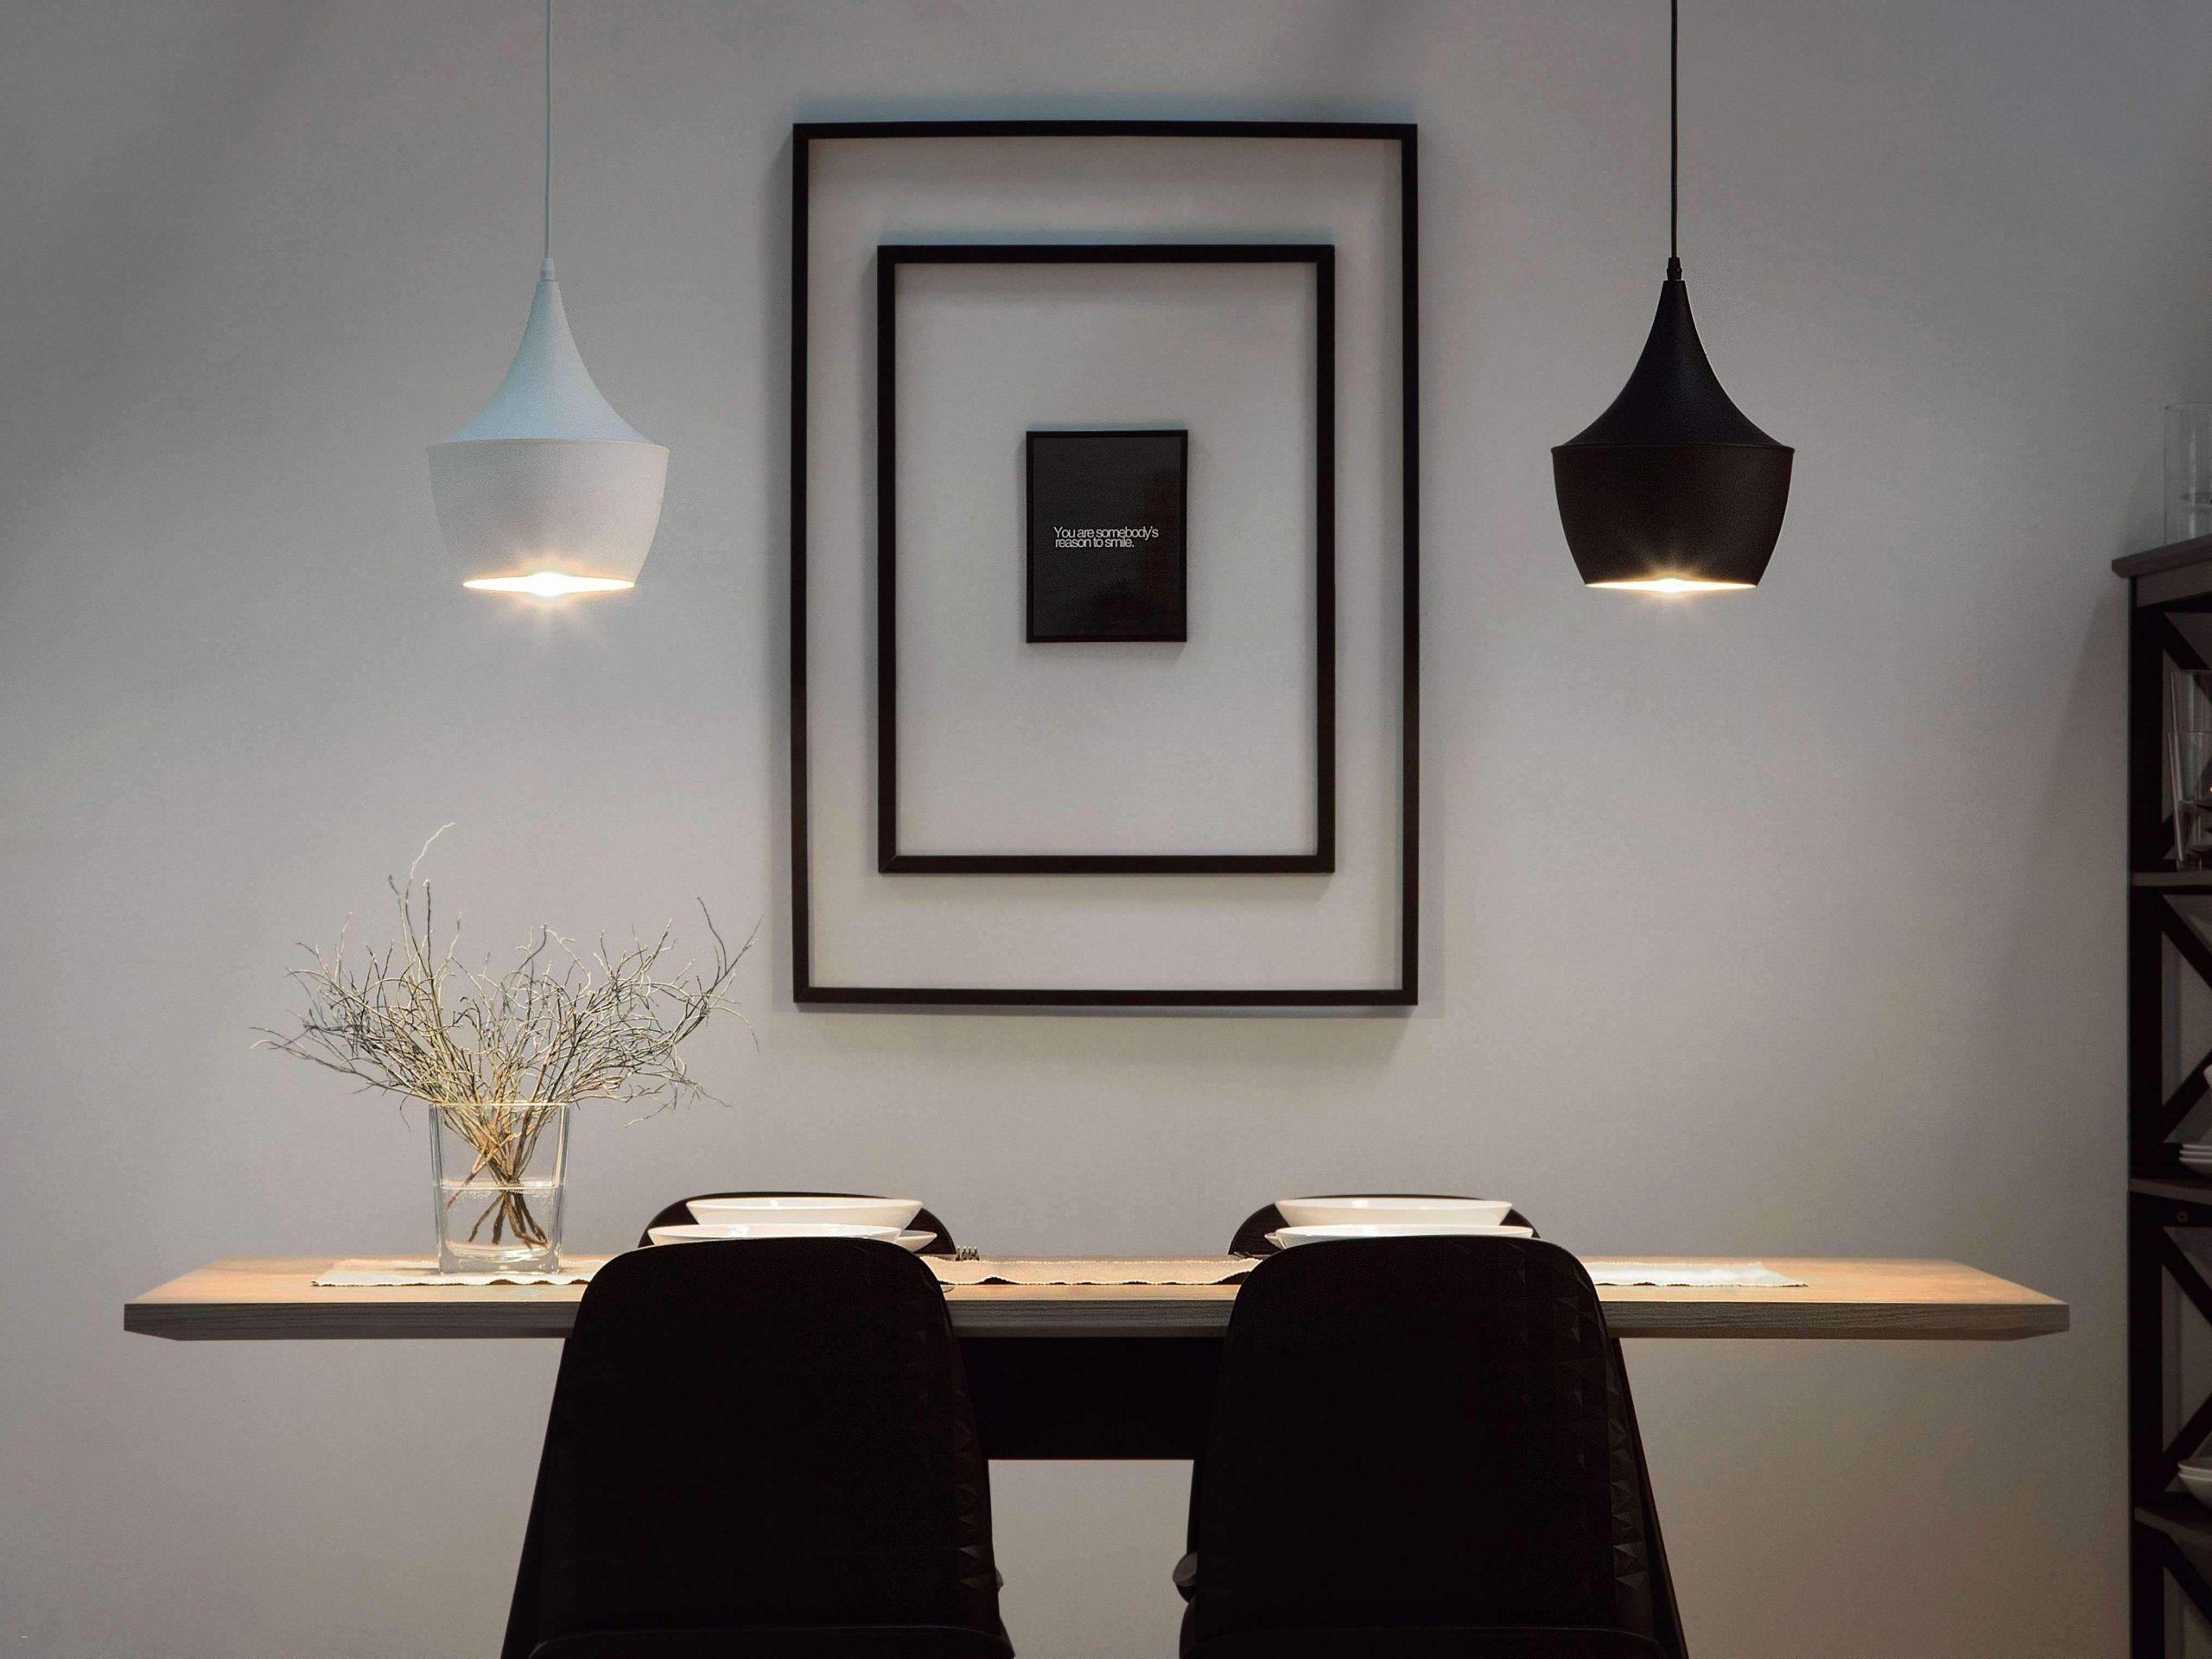 Full Size of Lampen Wohnzimmer 39 Neu Lampe Schn Frisch Sideboard Deckenleuchten Led Deckenlampen Stehlampen Deckenleuchte Anbauwand Schrankwand Bad Kamin Deko Deckenlampe Wohnzimmer Lampen Wohnzimmer